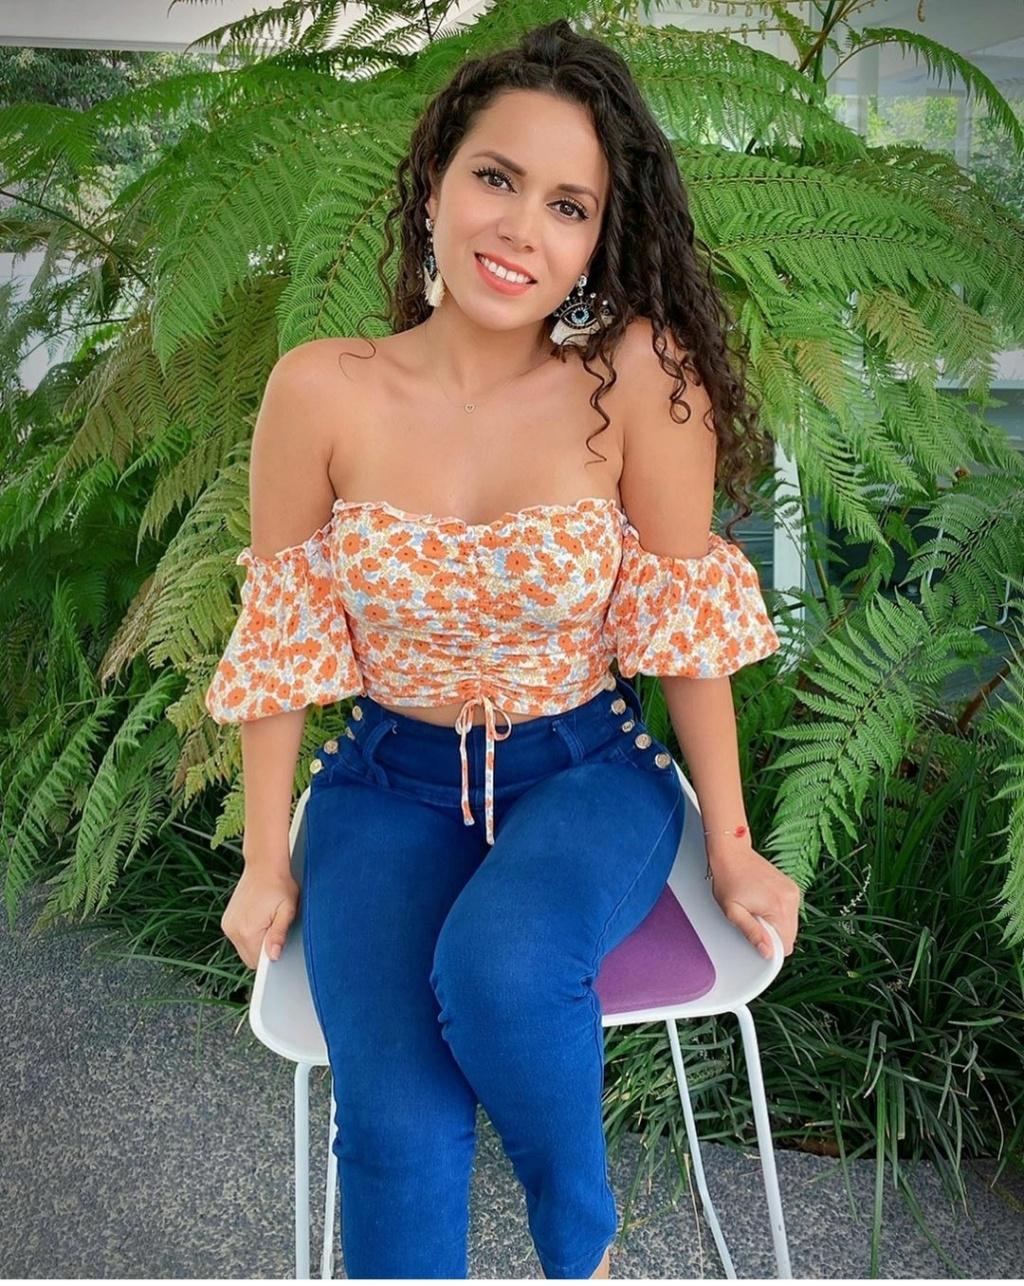 DEBATE sobre belleza, guapura y hermosura (fotos de chicas latinas, mestizas, y de todo) - VOL II - Página 6 Img_2212